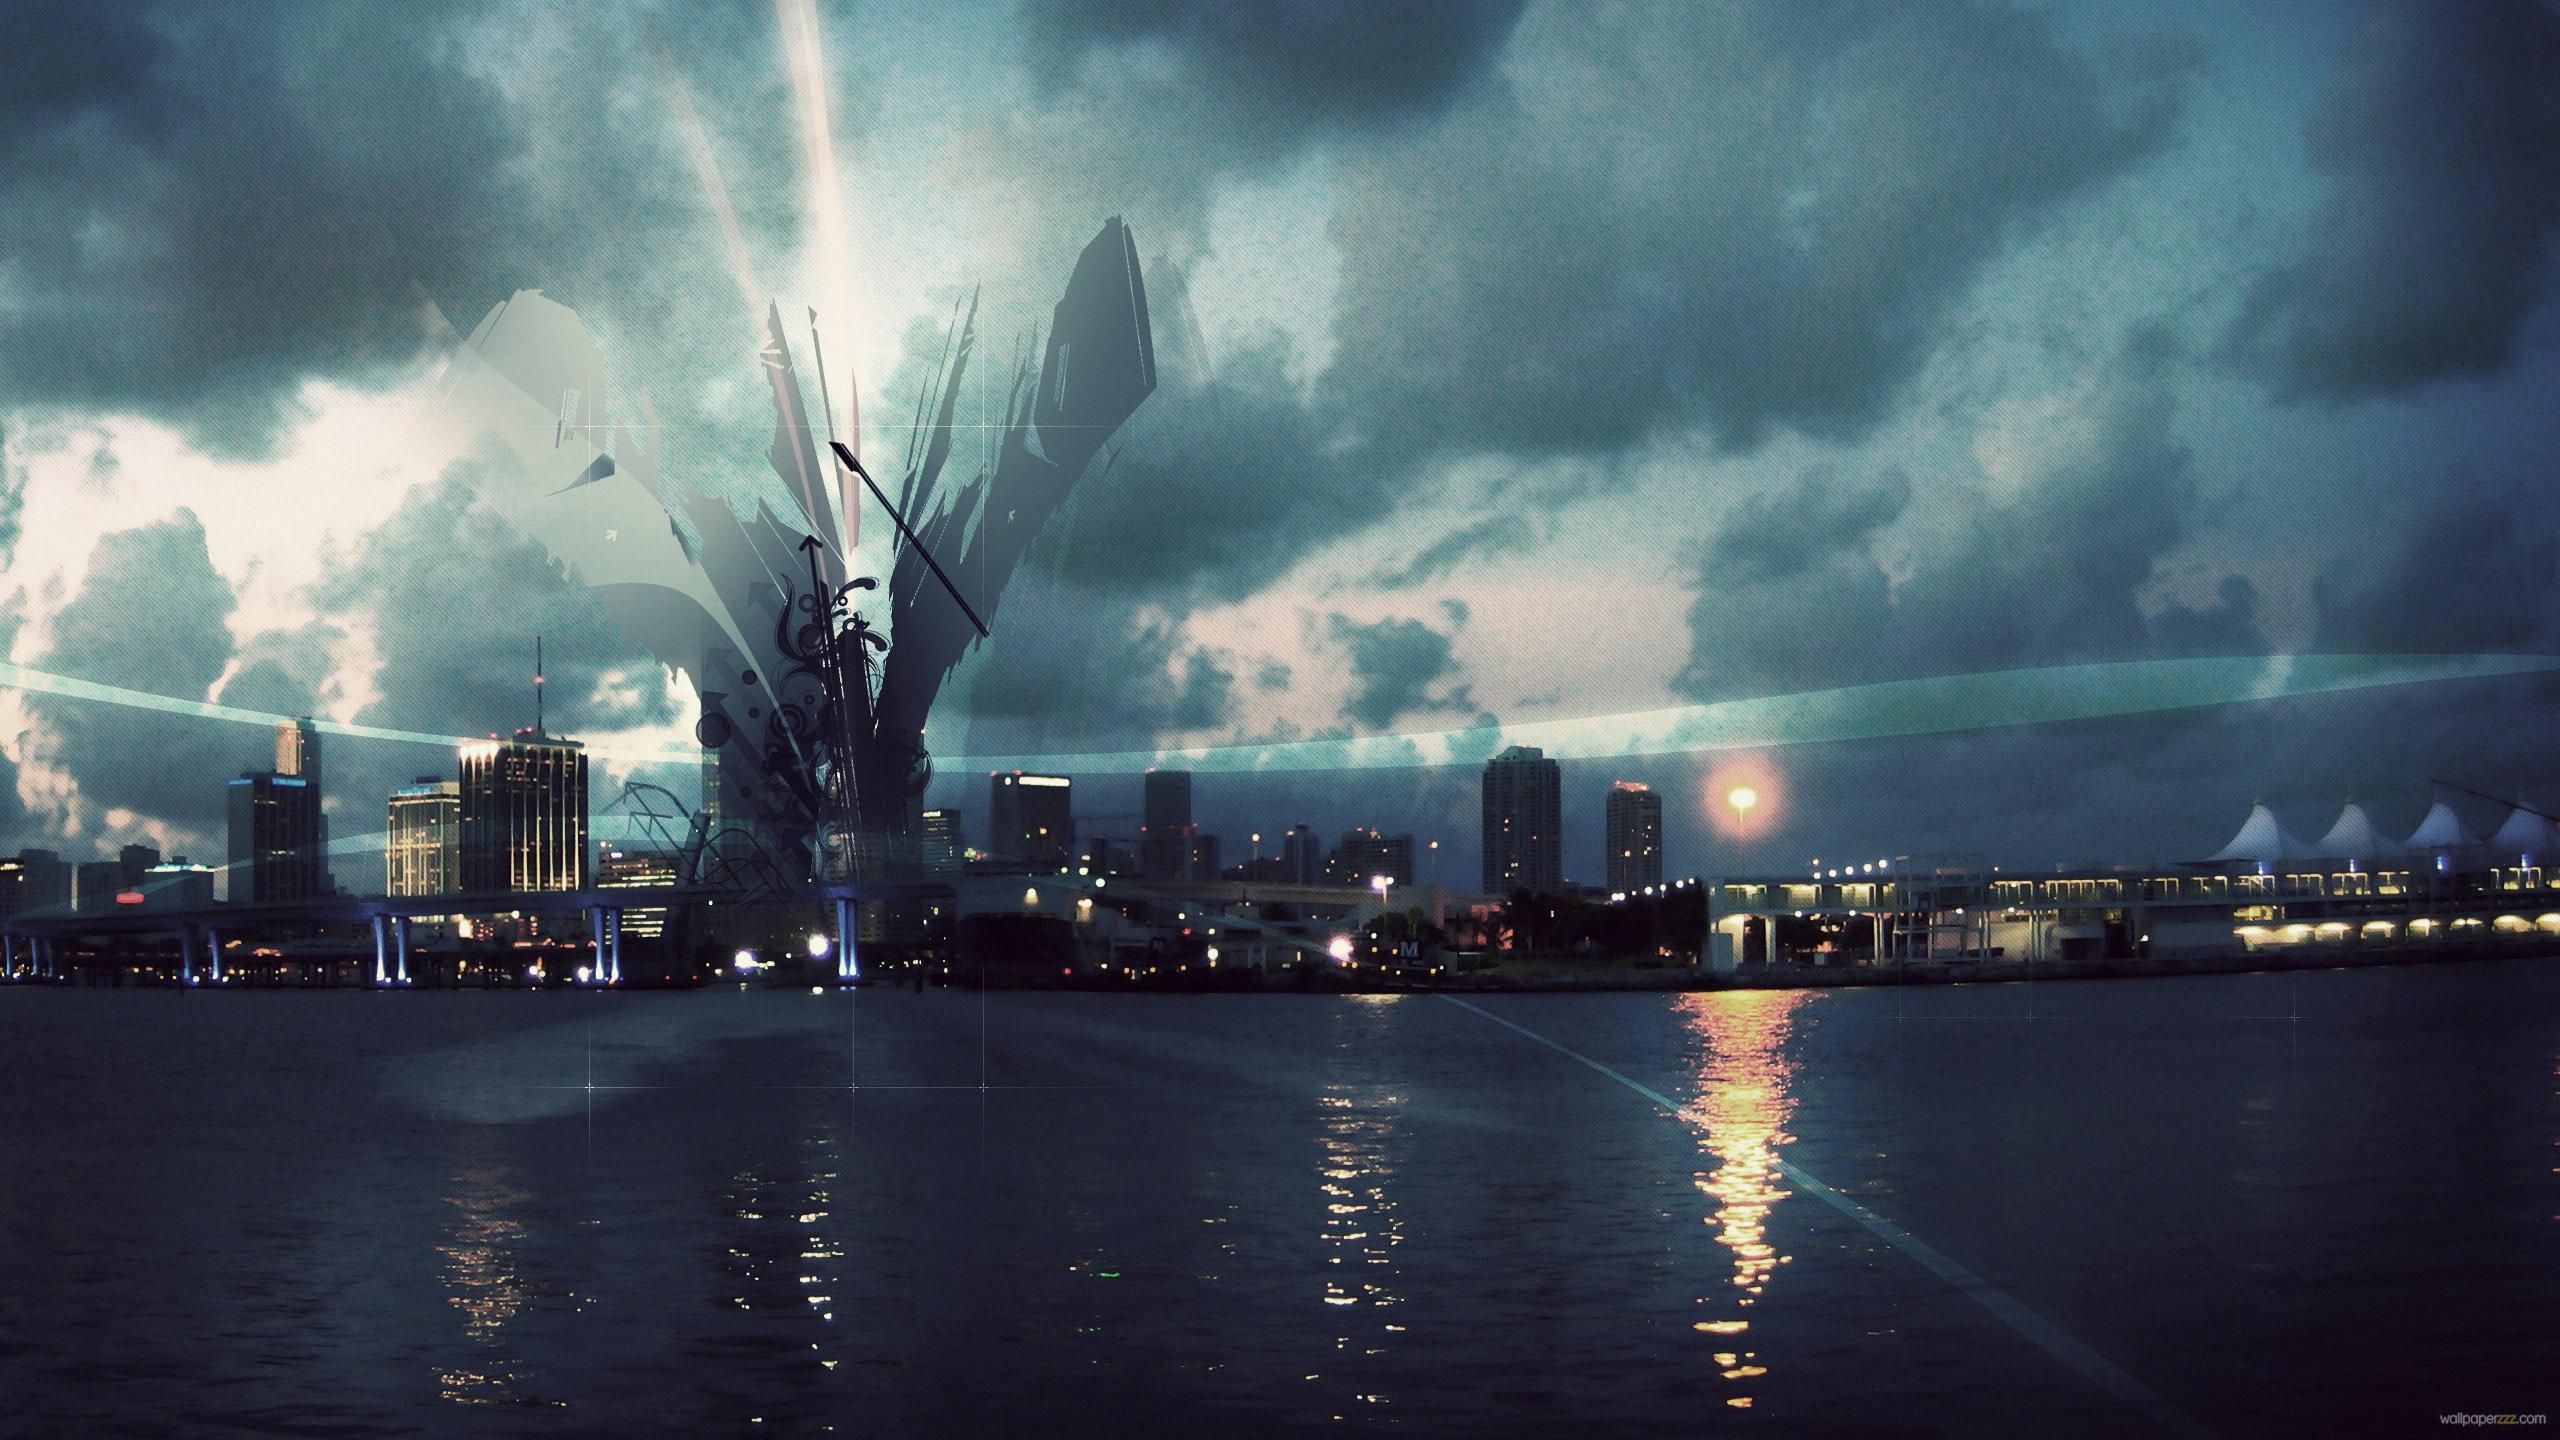 cityscapes futuristic wallpaper 1900x1041 - photo #39